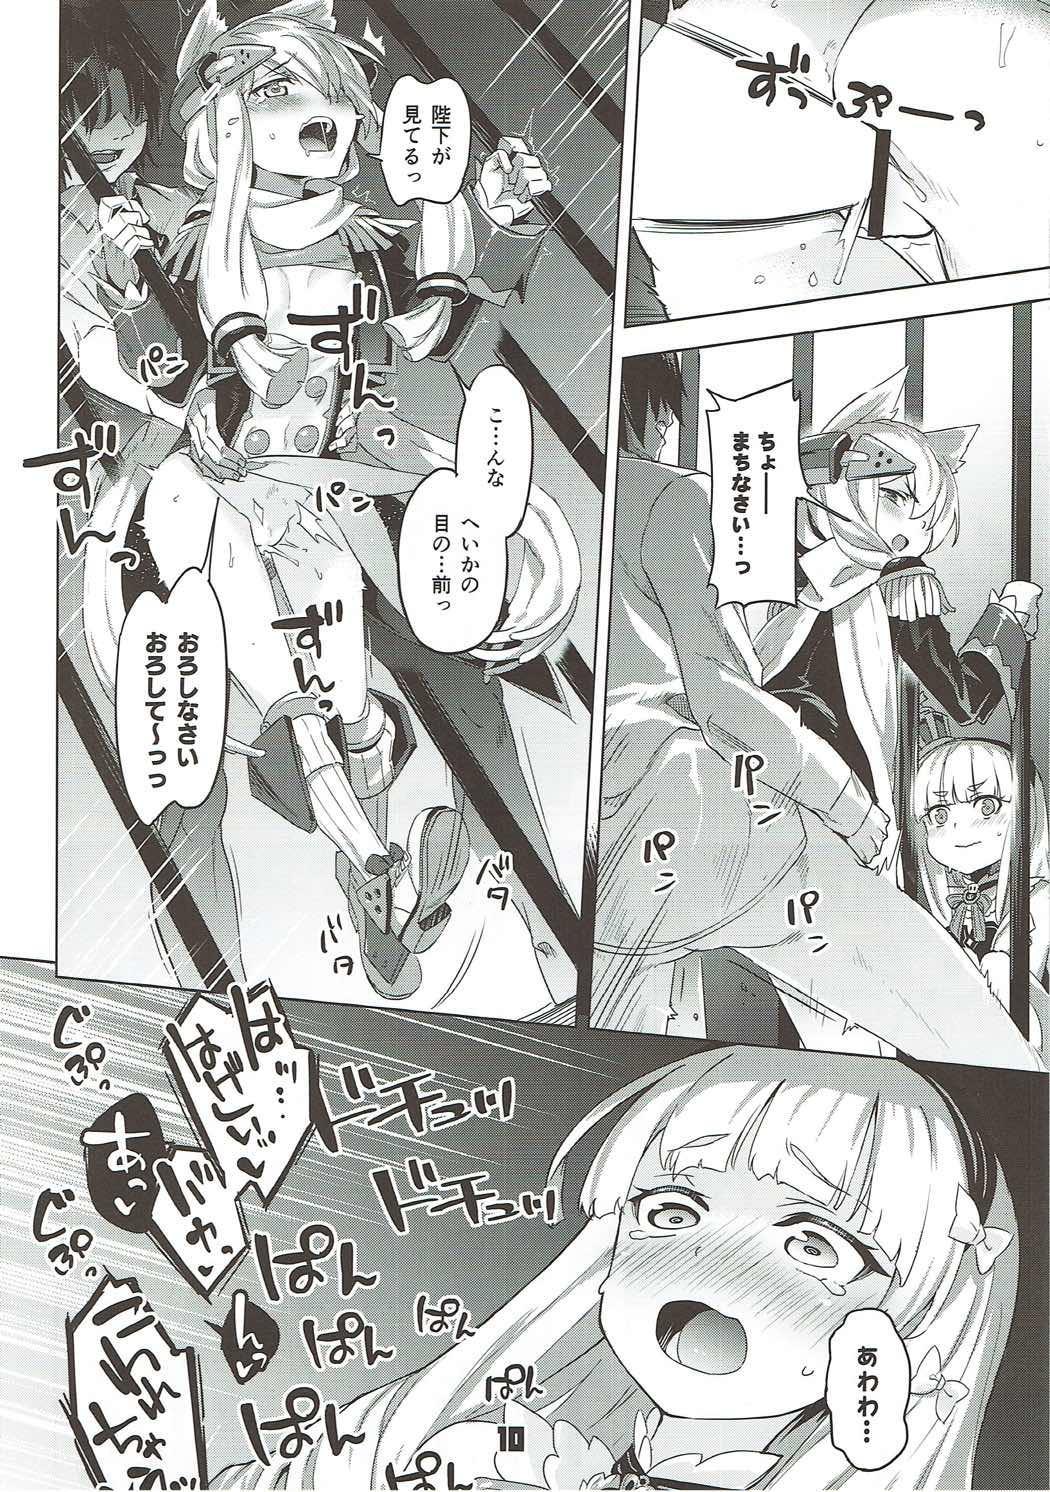 Kinpatsu Manaita no Template 8